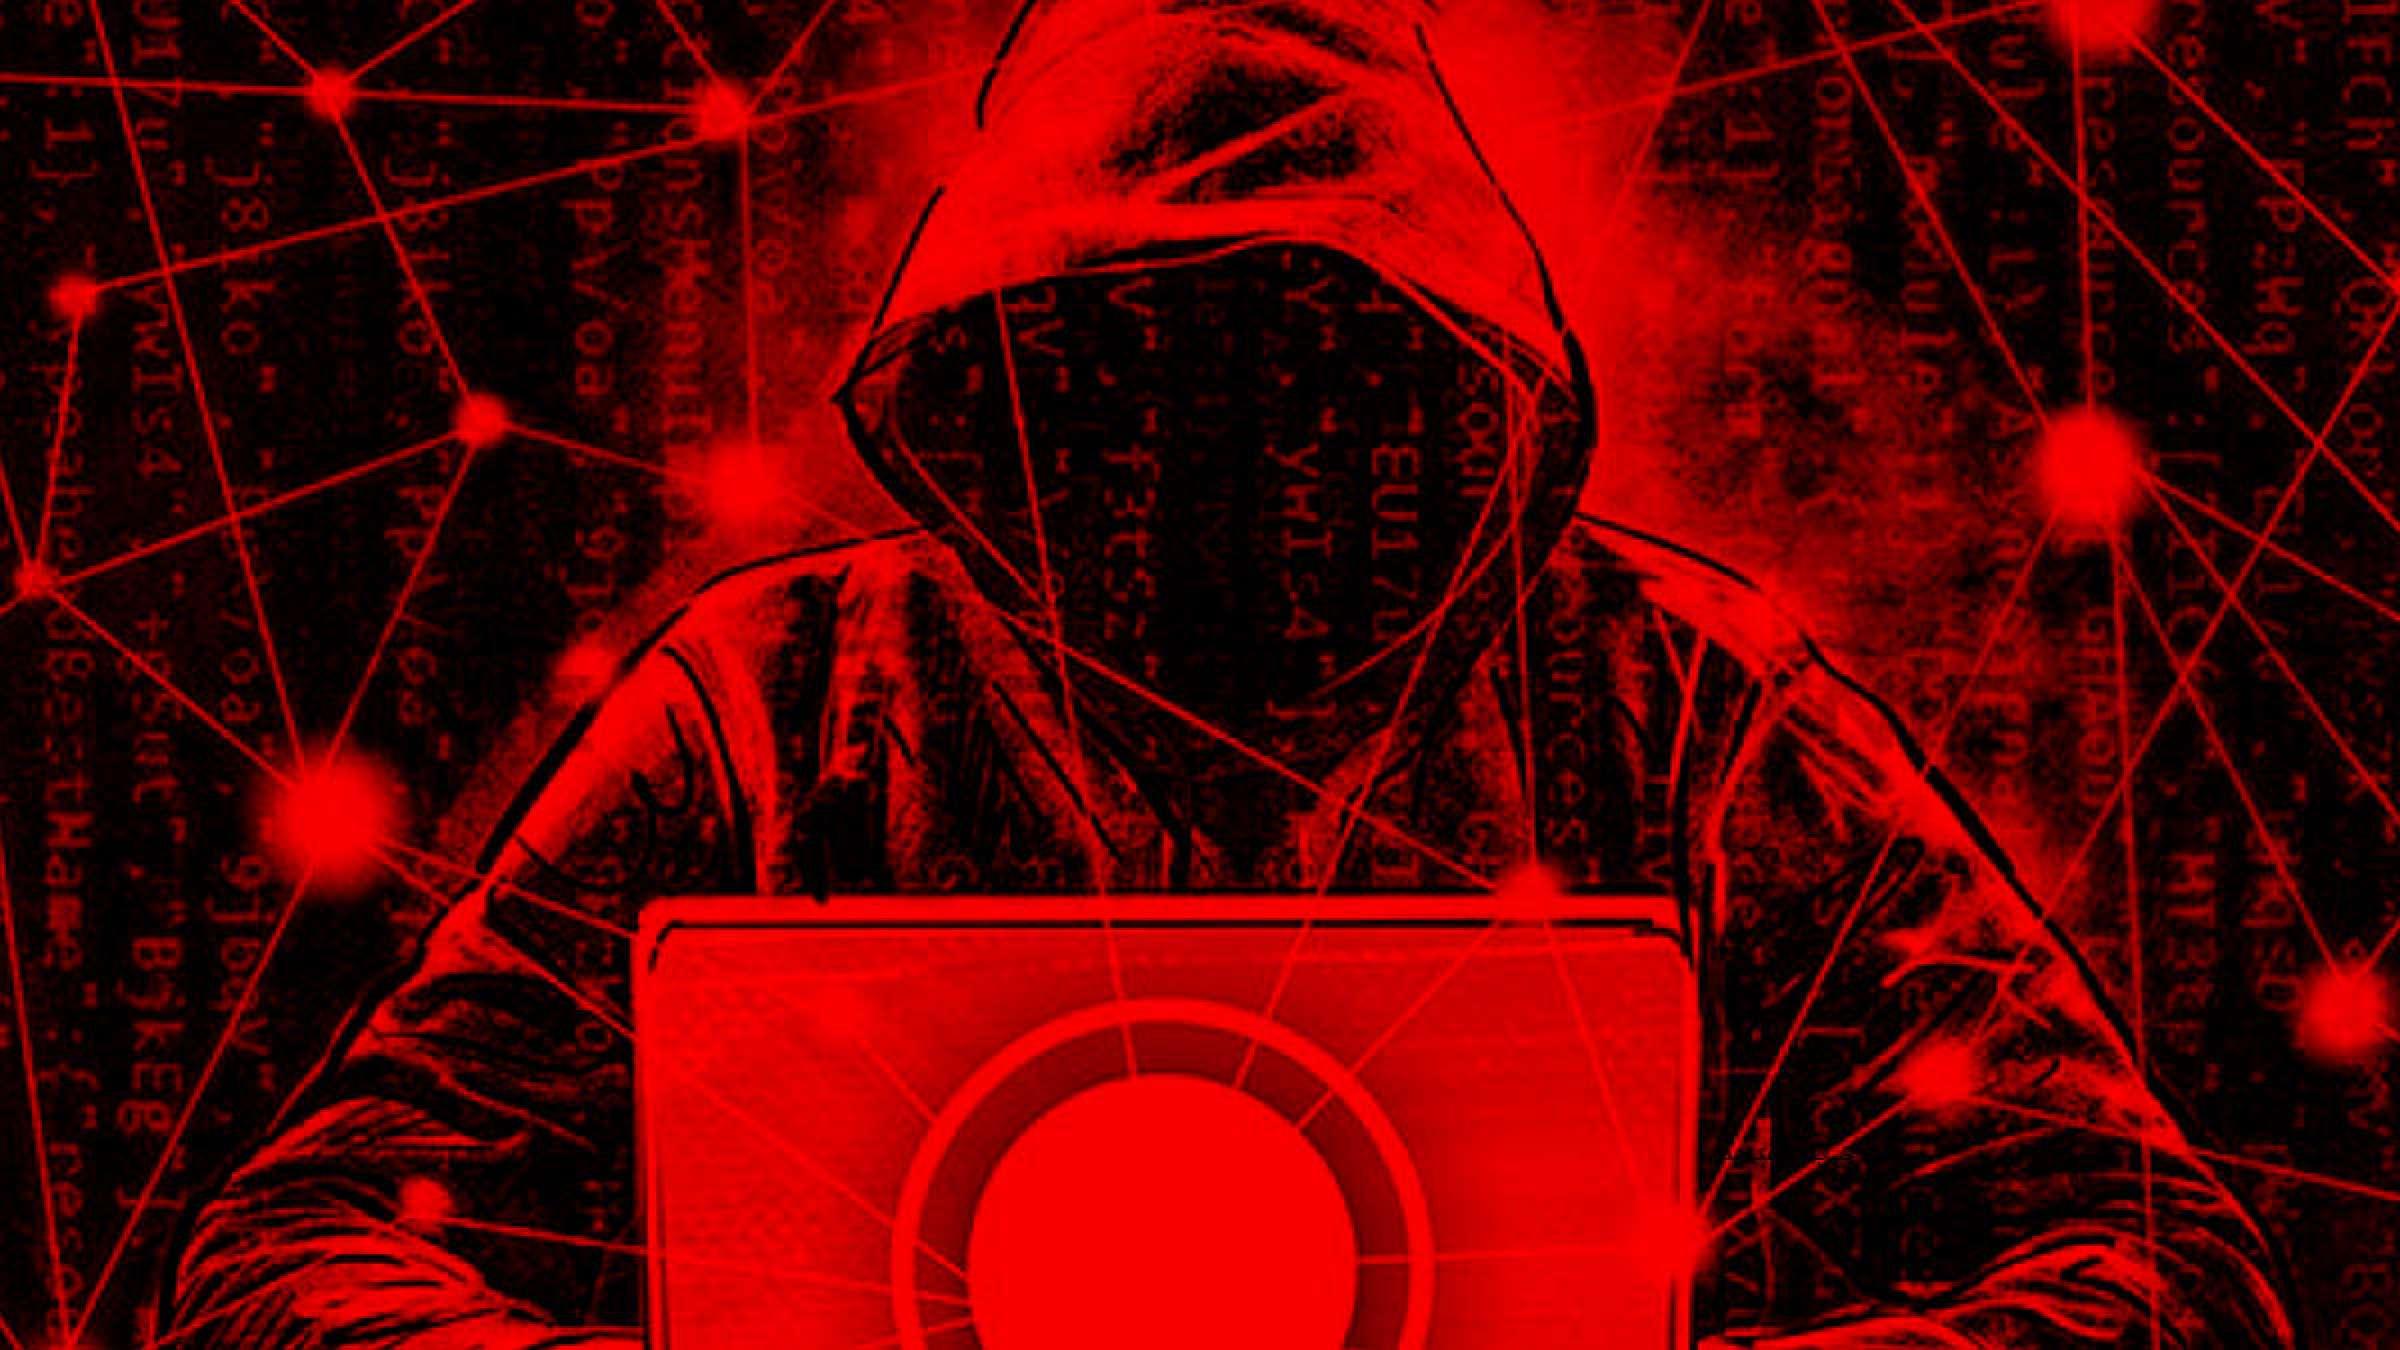 اخبار-کانادا-سومین-حمله-سایبری-به-اداره-مالیات-کانادا-شما-چه-باید-بکنید